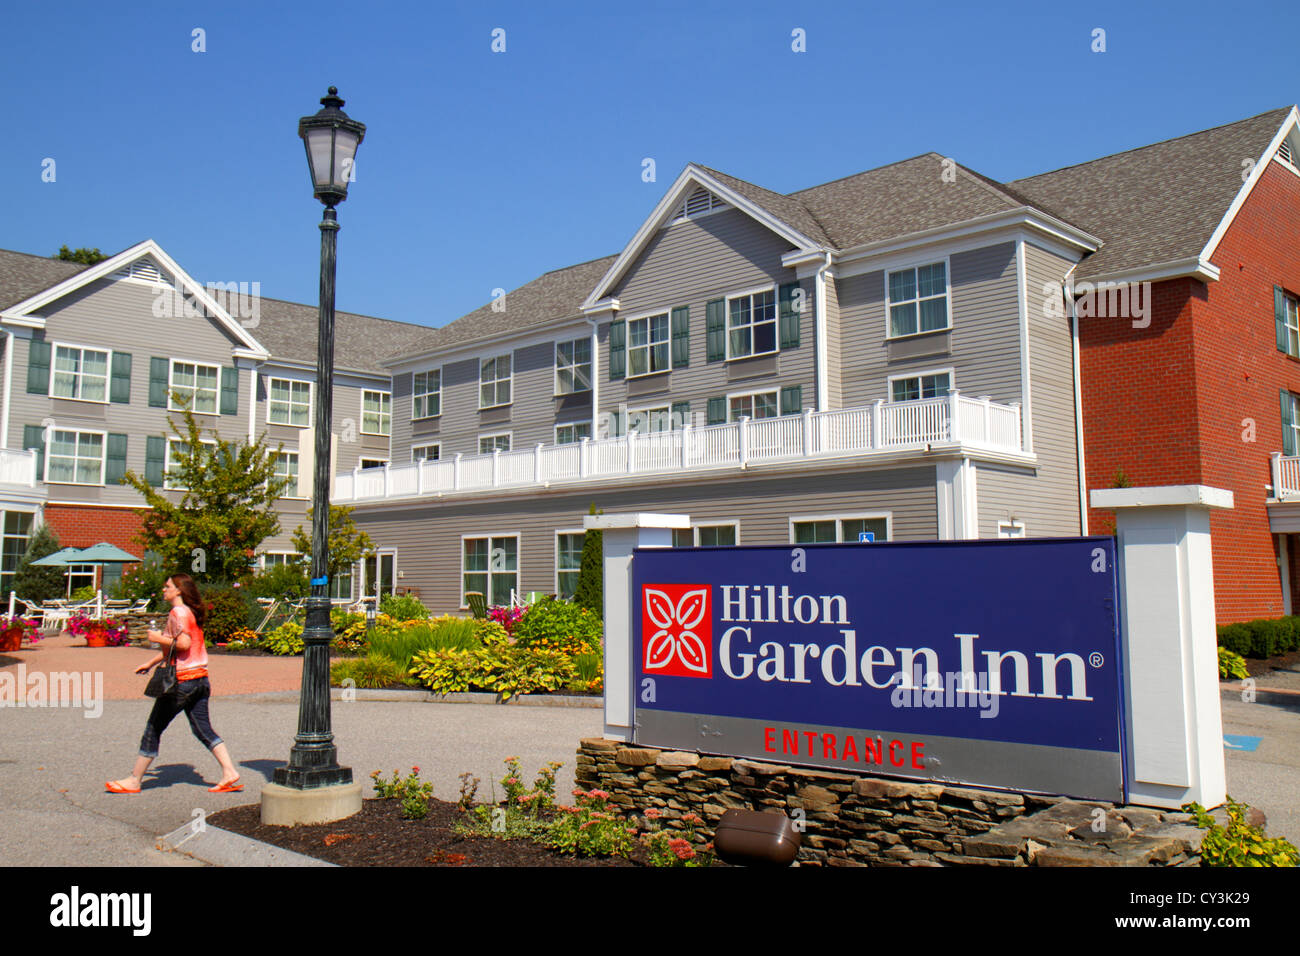 Maine Freeport Hilton Garden Inn motel hotel front outside entrance landscape sign - Stock Image